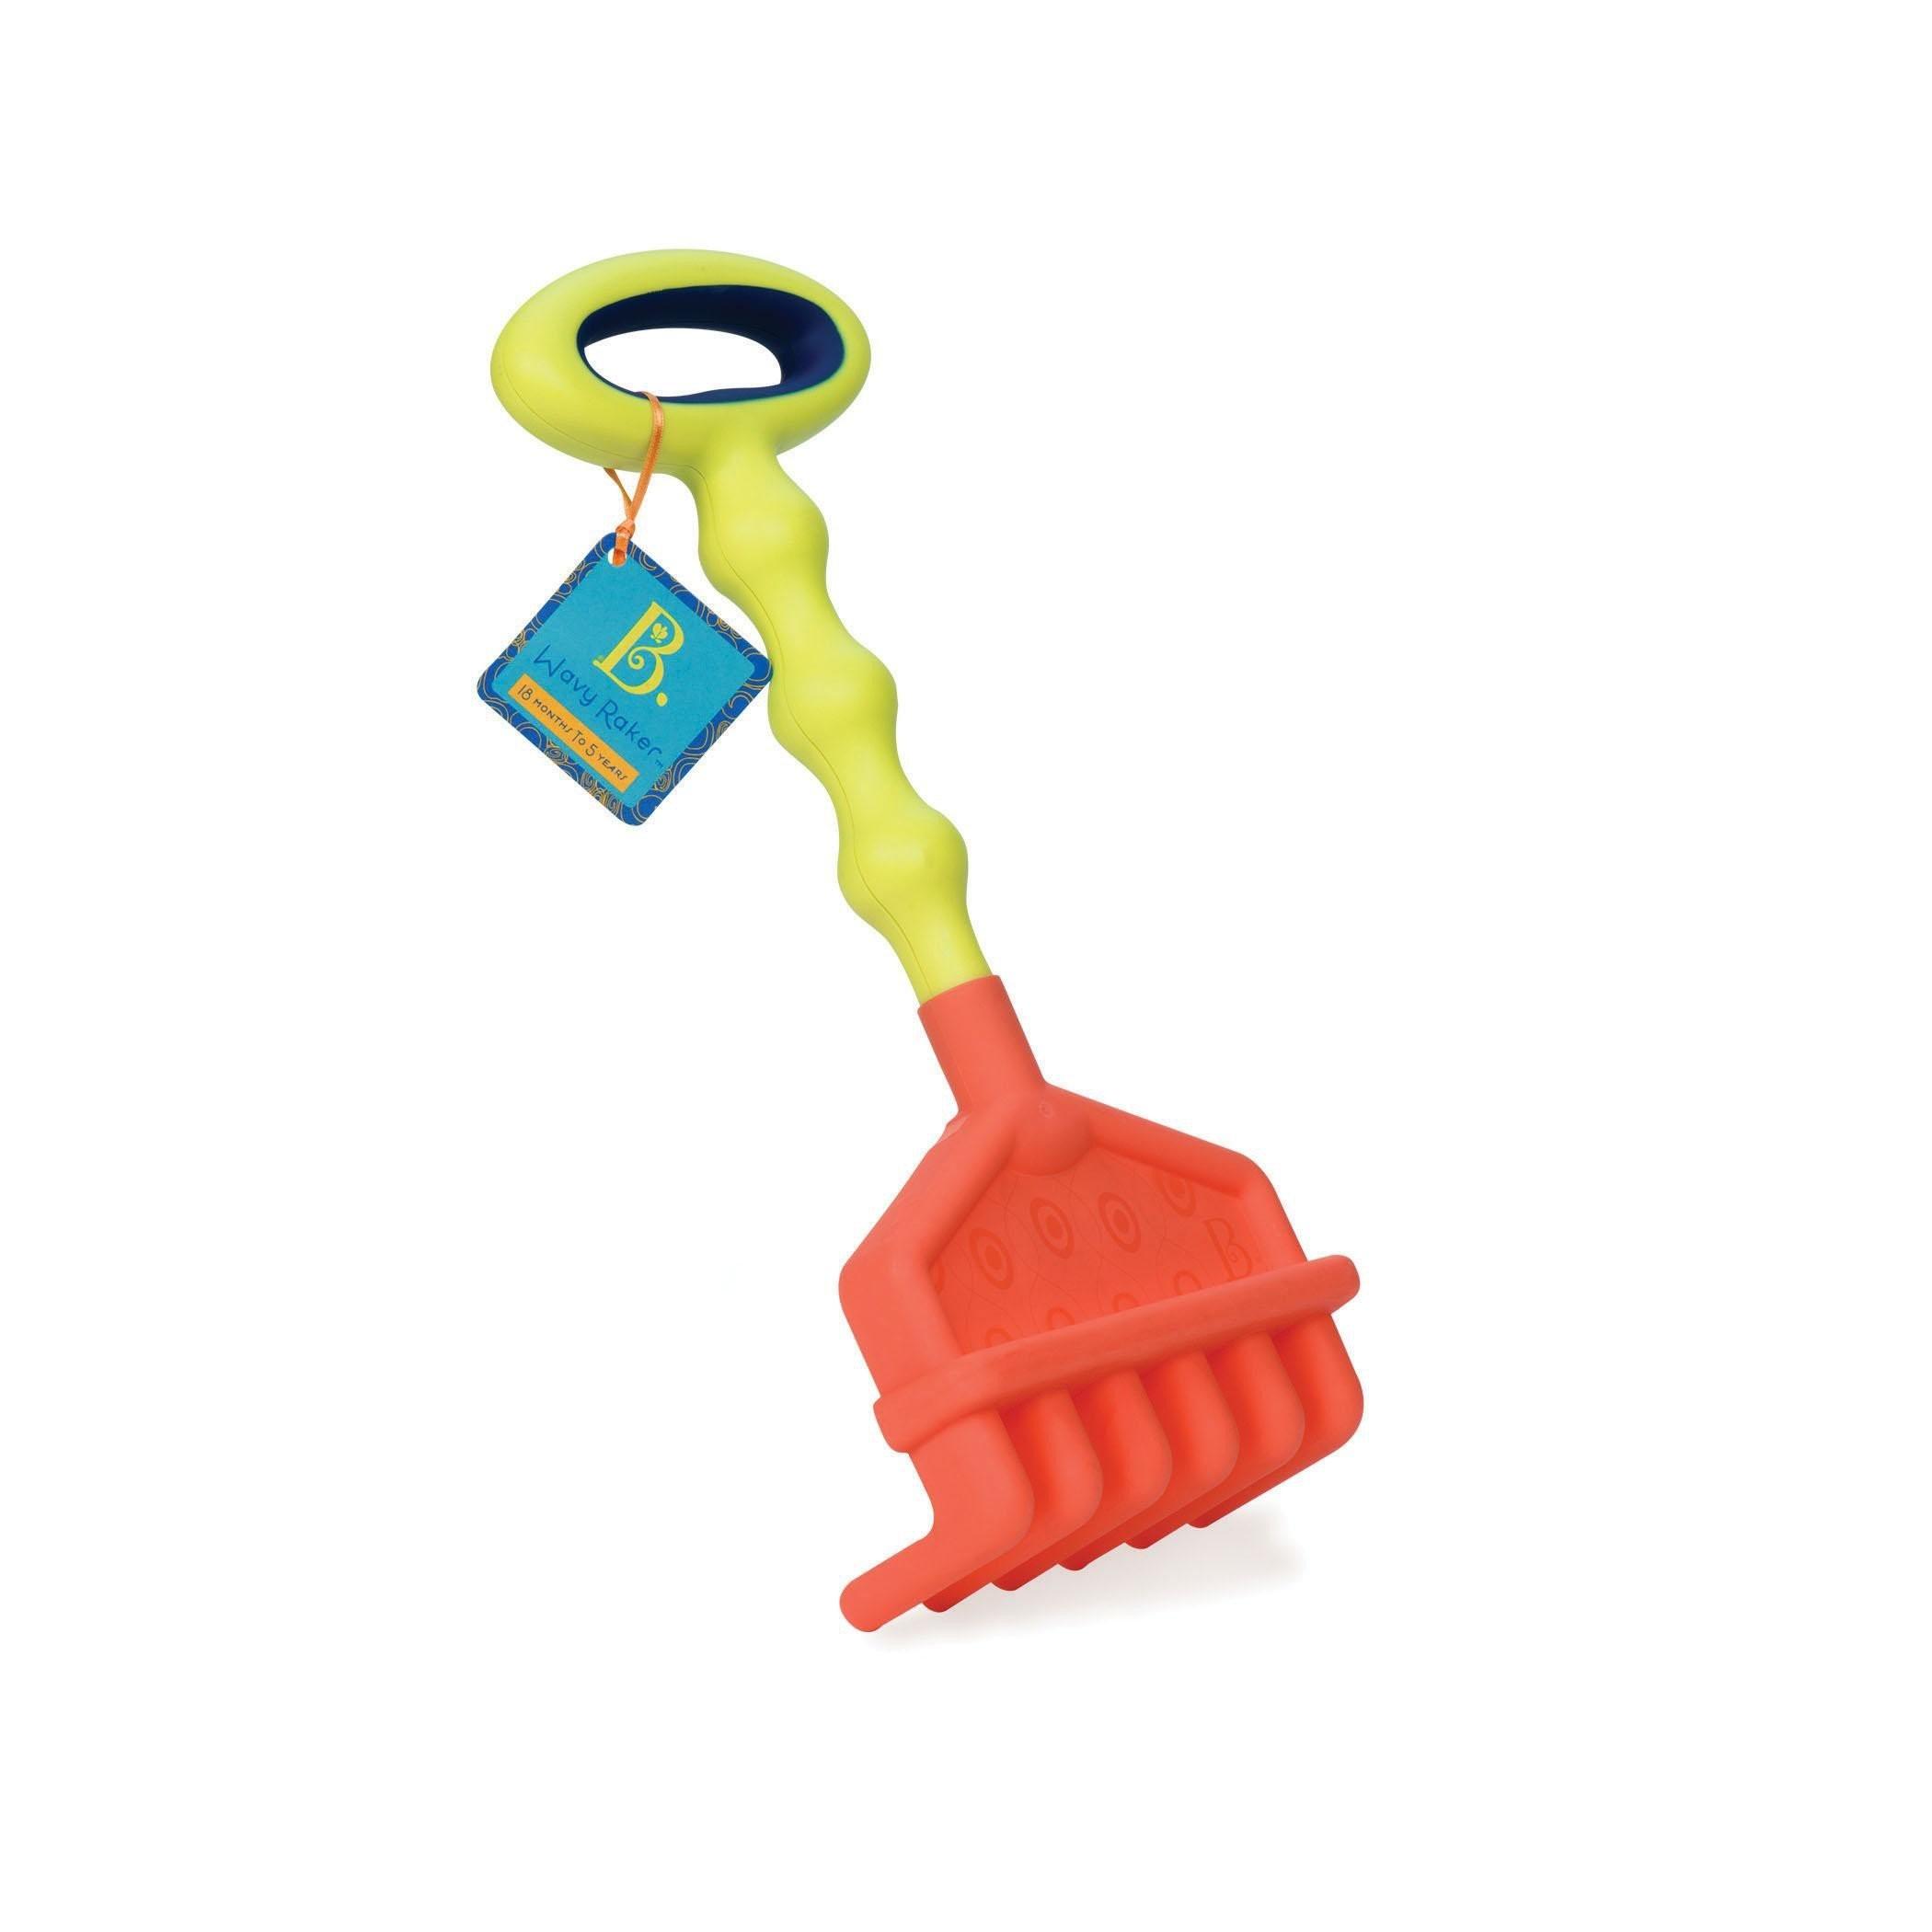 B.Toys Wave Raker Larger Rake